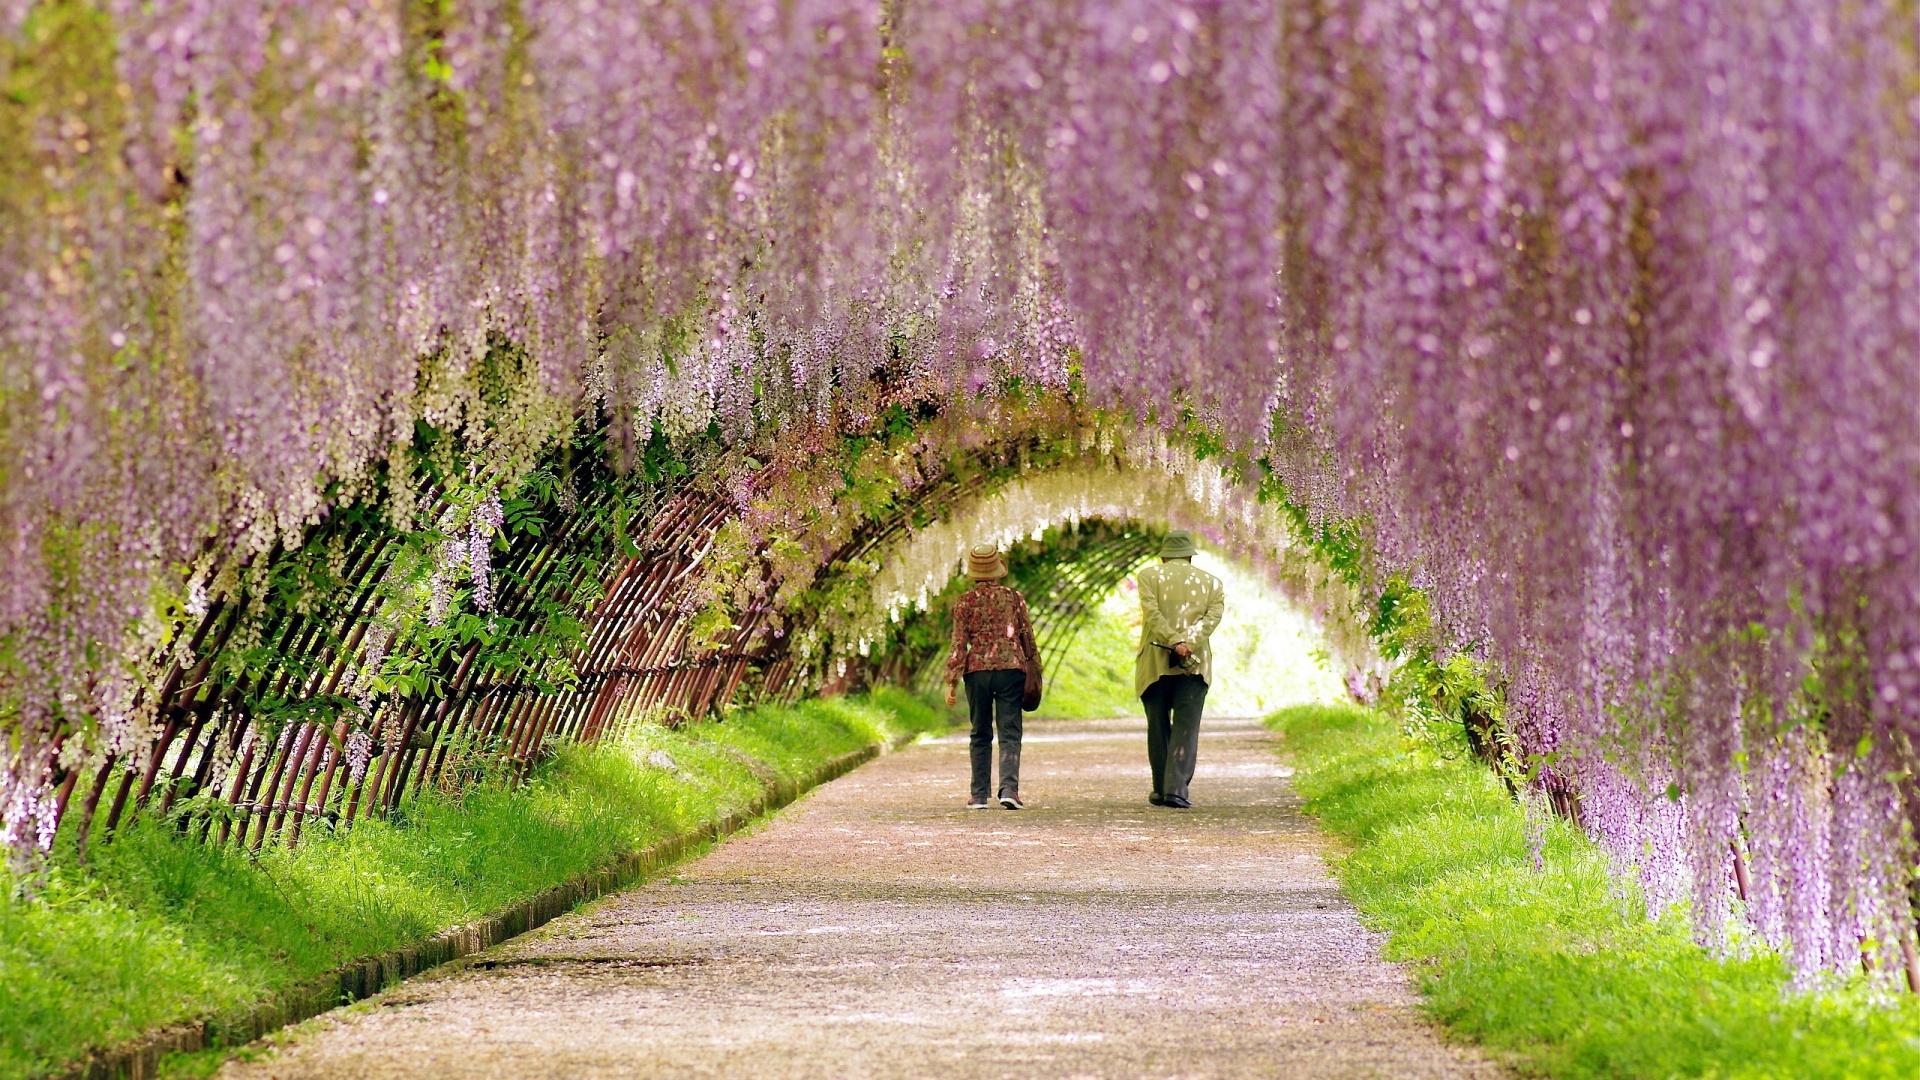 Mùa xuân hoa nở đẹp tươi, tôi và bà cùng đi ngắm cảnh